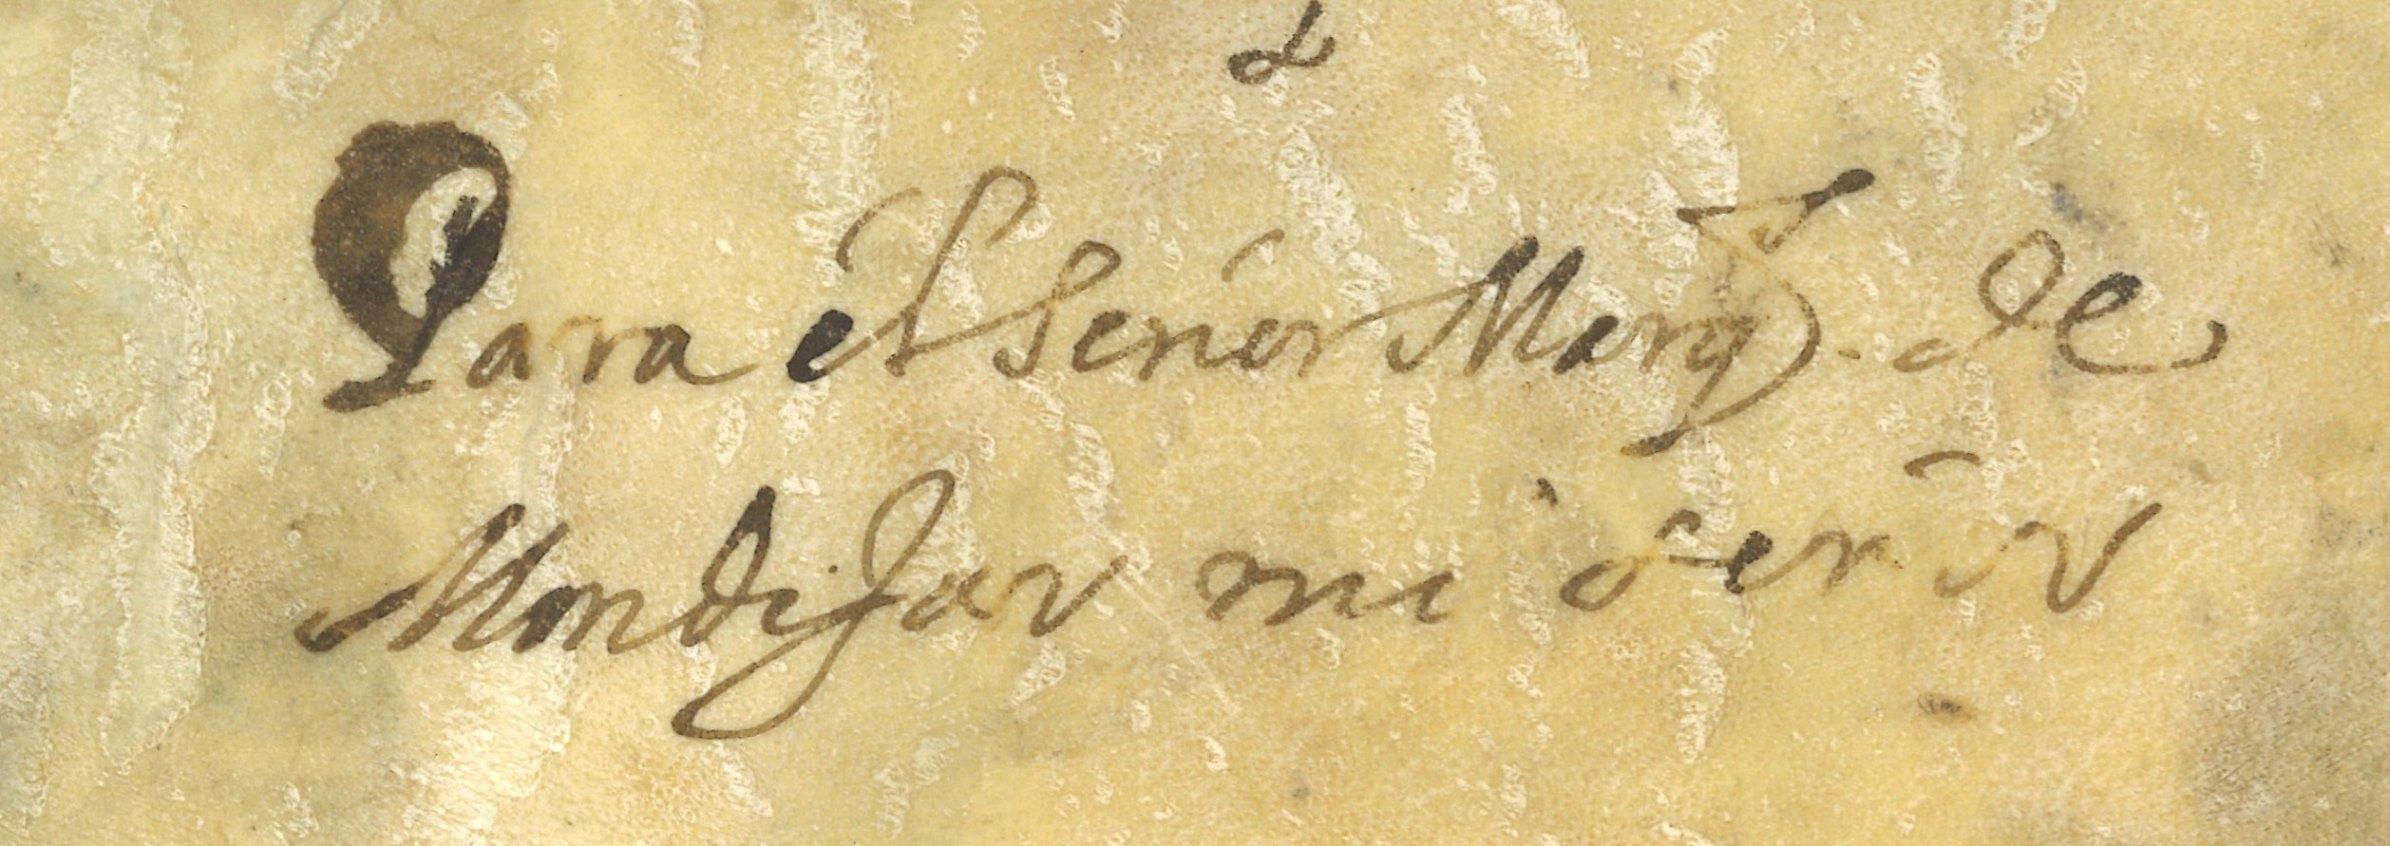 """Dedicatoria al Marqués de Mondéjar en la cubierta anterior: """"Para el señor Marqués de Mondéjar, mi señor"""""""